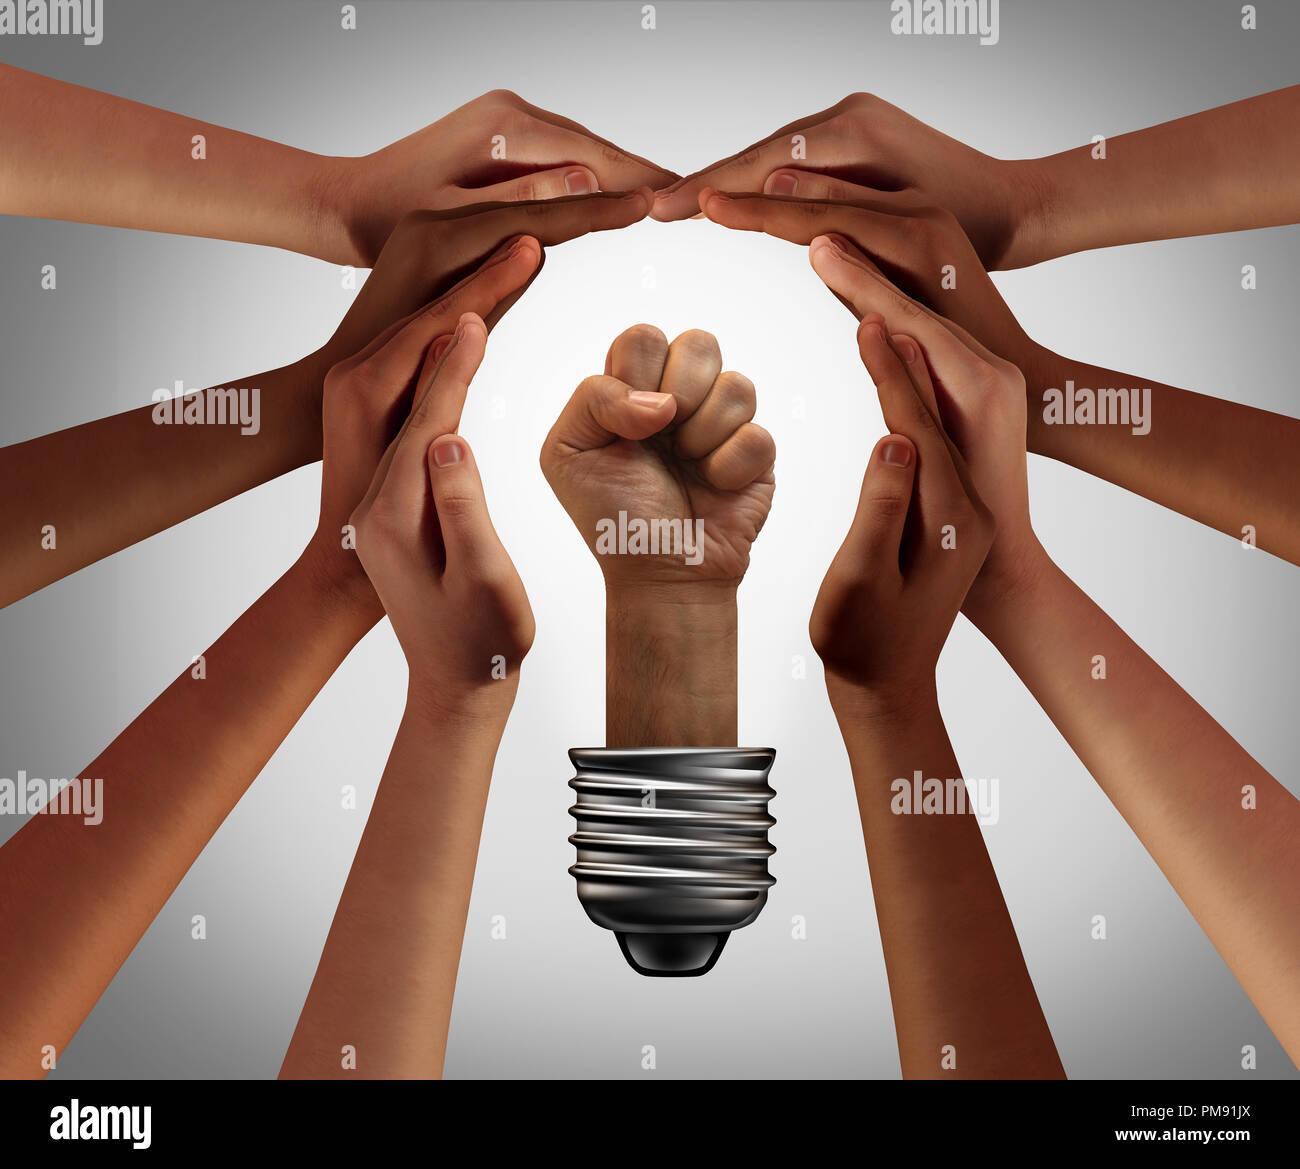 People Power Konzept und Vielfalt populistische Inspiration als soziale Bewegung, die Idee mit der 3D-Darstellung. Stockbild